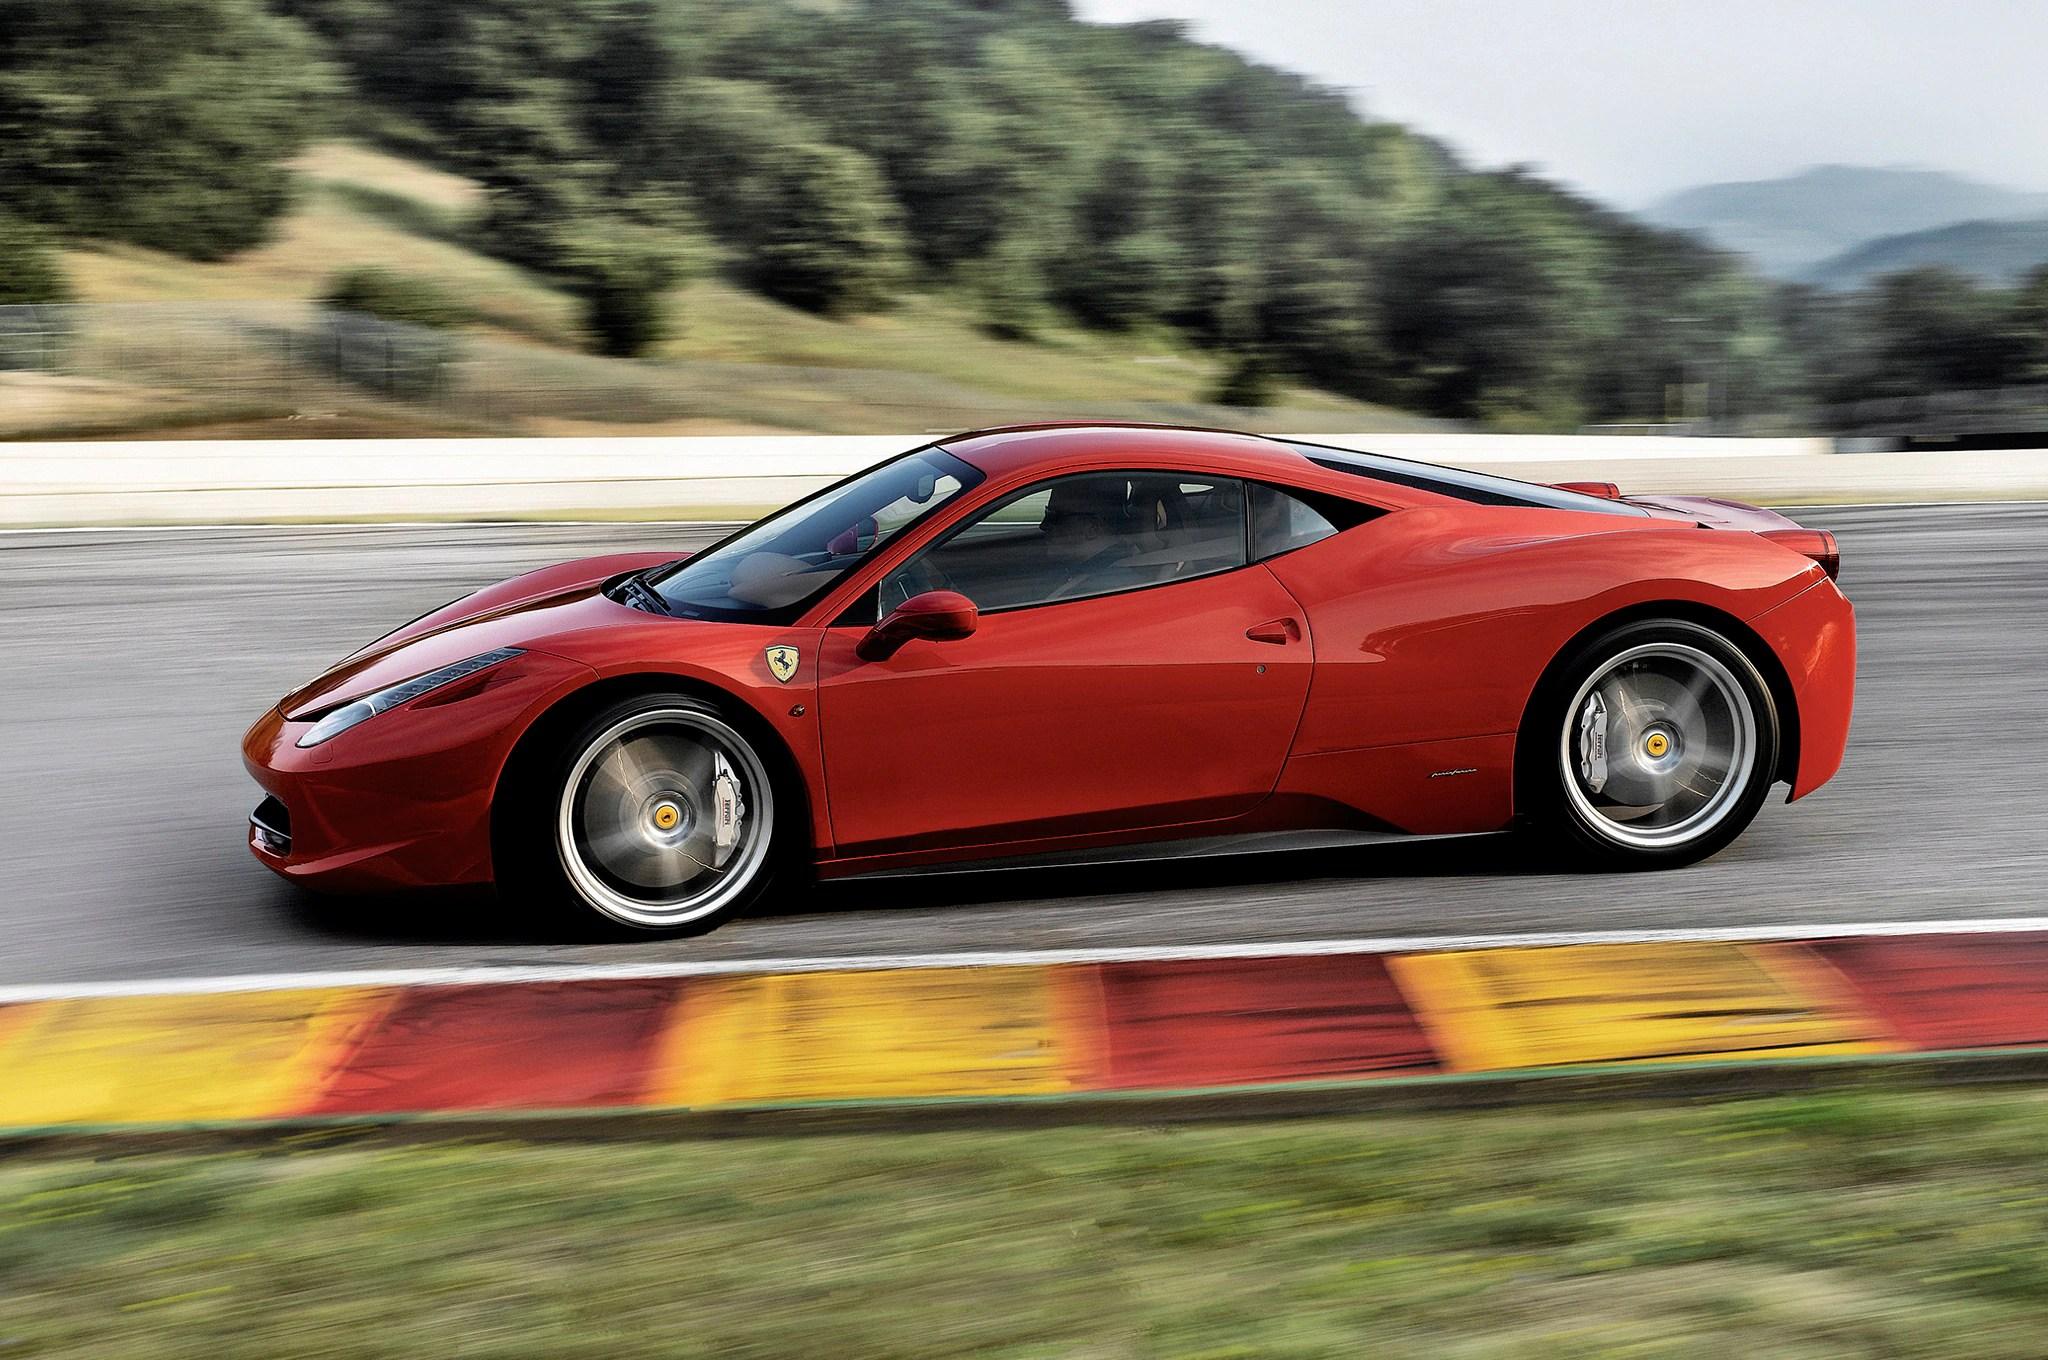 """Ferrari 458 """"Broke Left and Right"""" When Testing Against ..."""